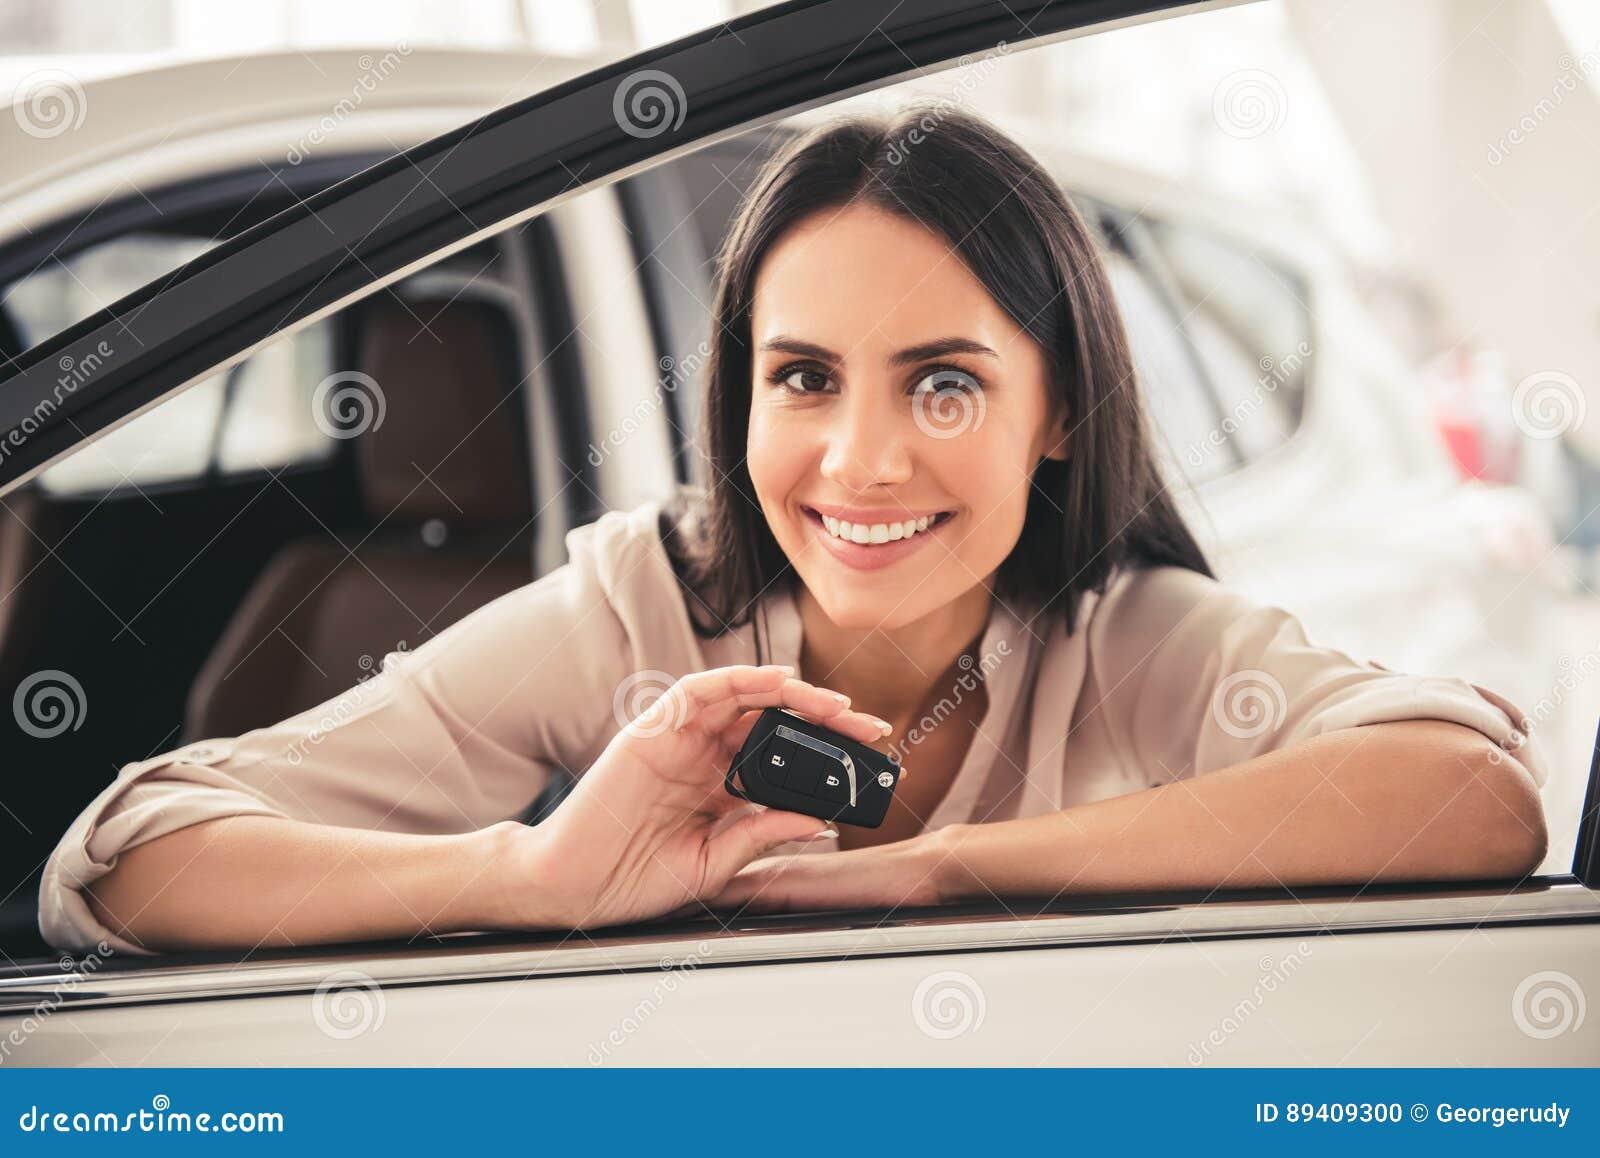 Concessionário automóvel de visita